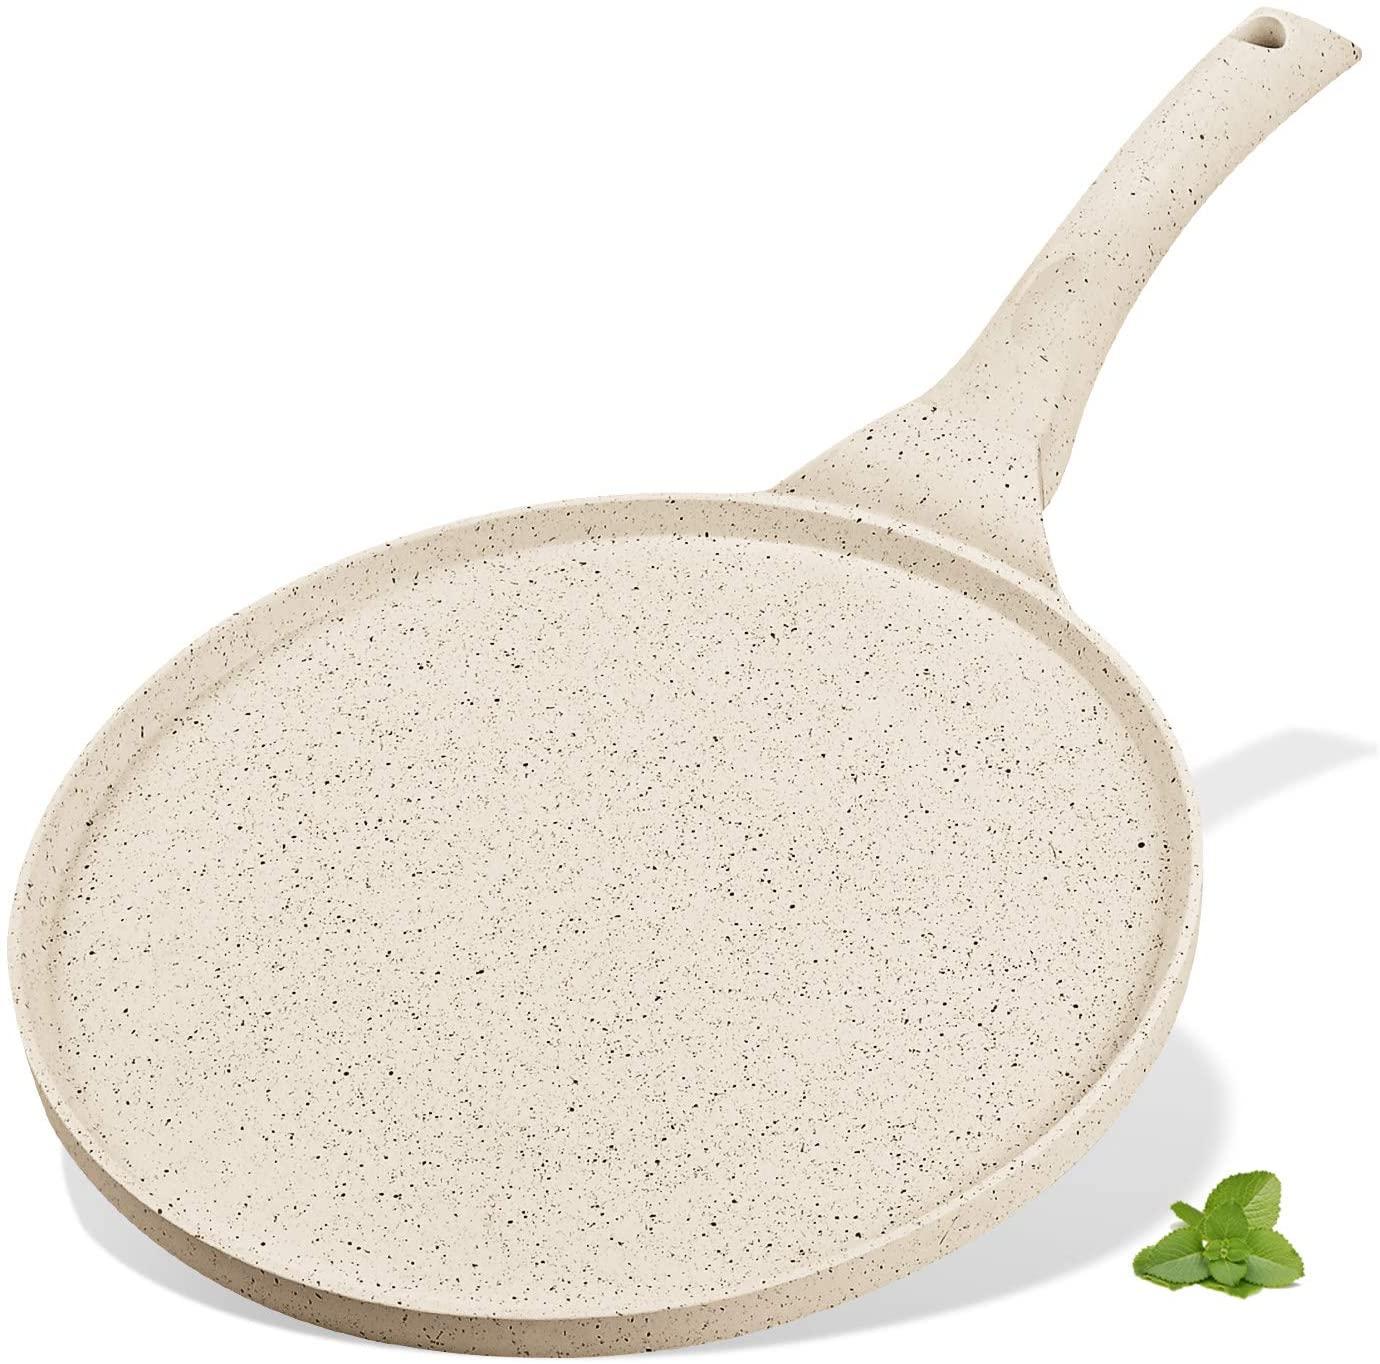 KUTIME Pancake Pan Blini Pan Griddle Non-stick Pancake Maker Fried Egg Cooker Swedish Breakfast Pan Skillet Frying Pan